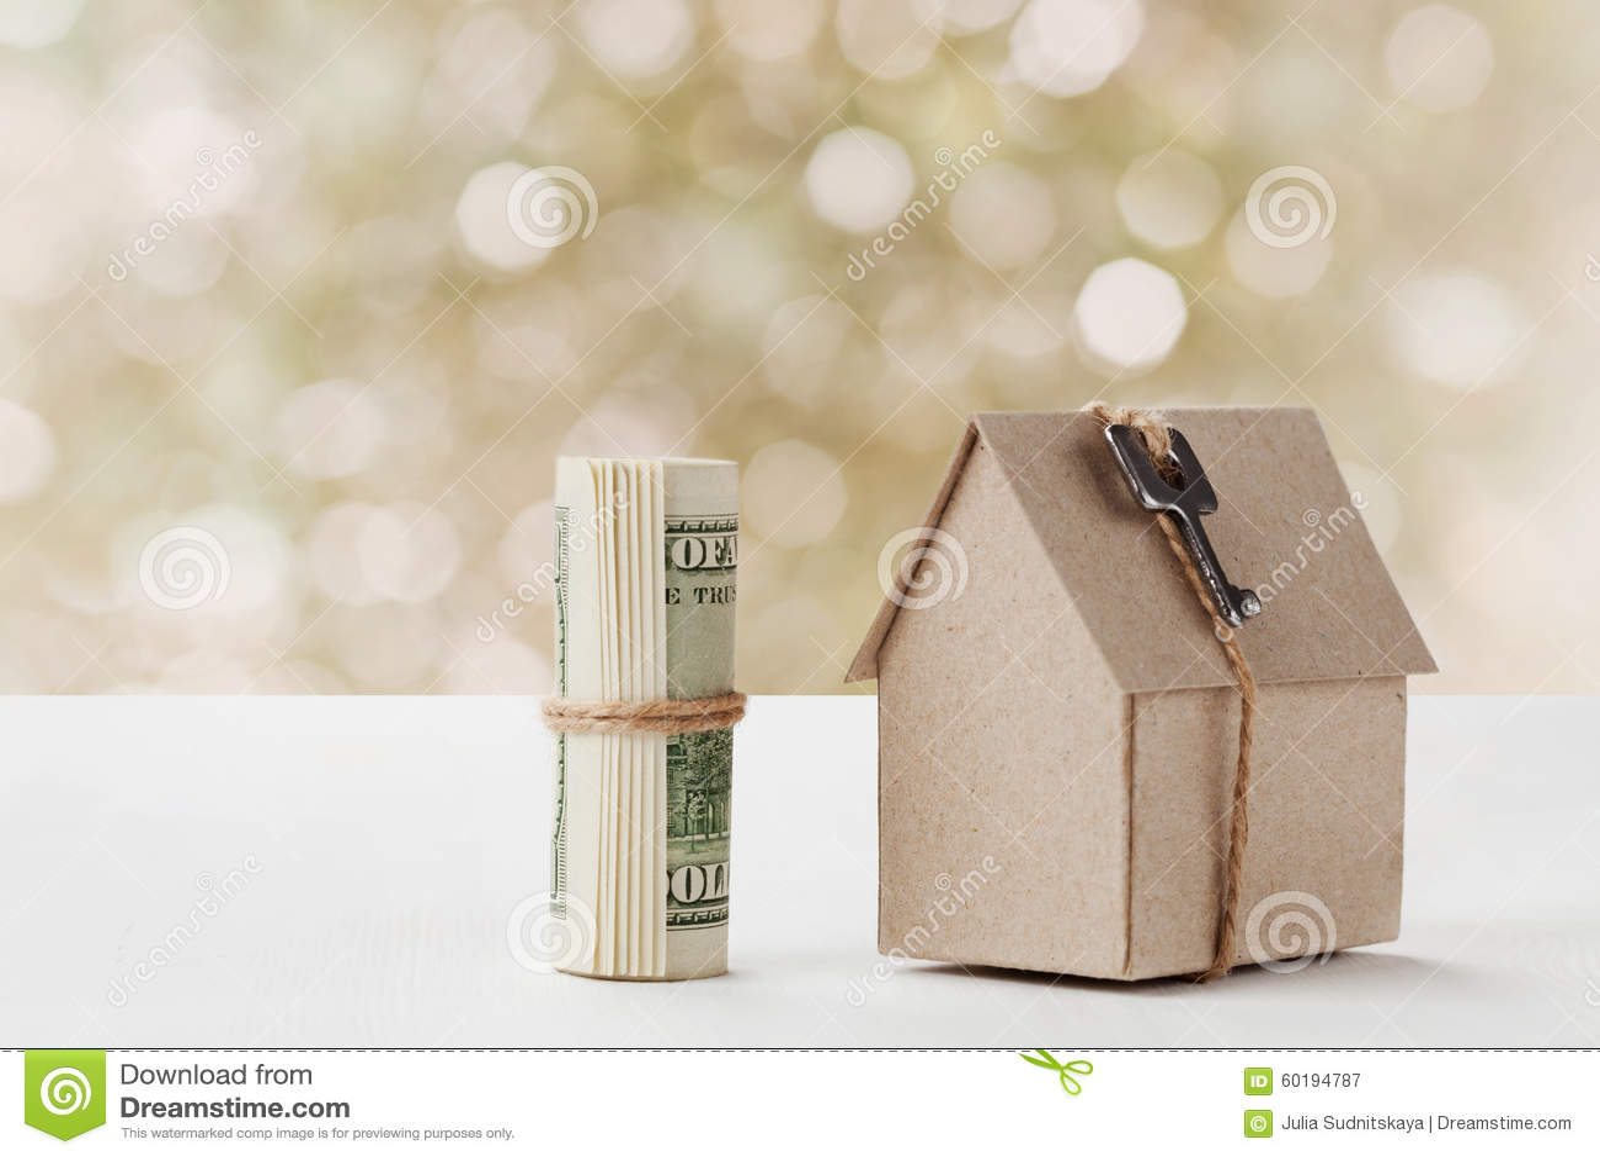 Модель дома картона с ключом и долларовыми банкнотами Жилищное строительство, заем, недвижимость, цена снабжения жилищем или прио